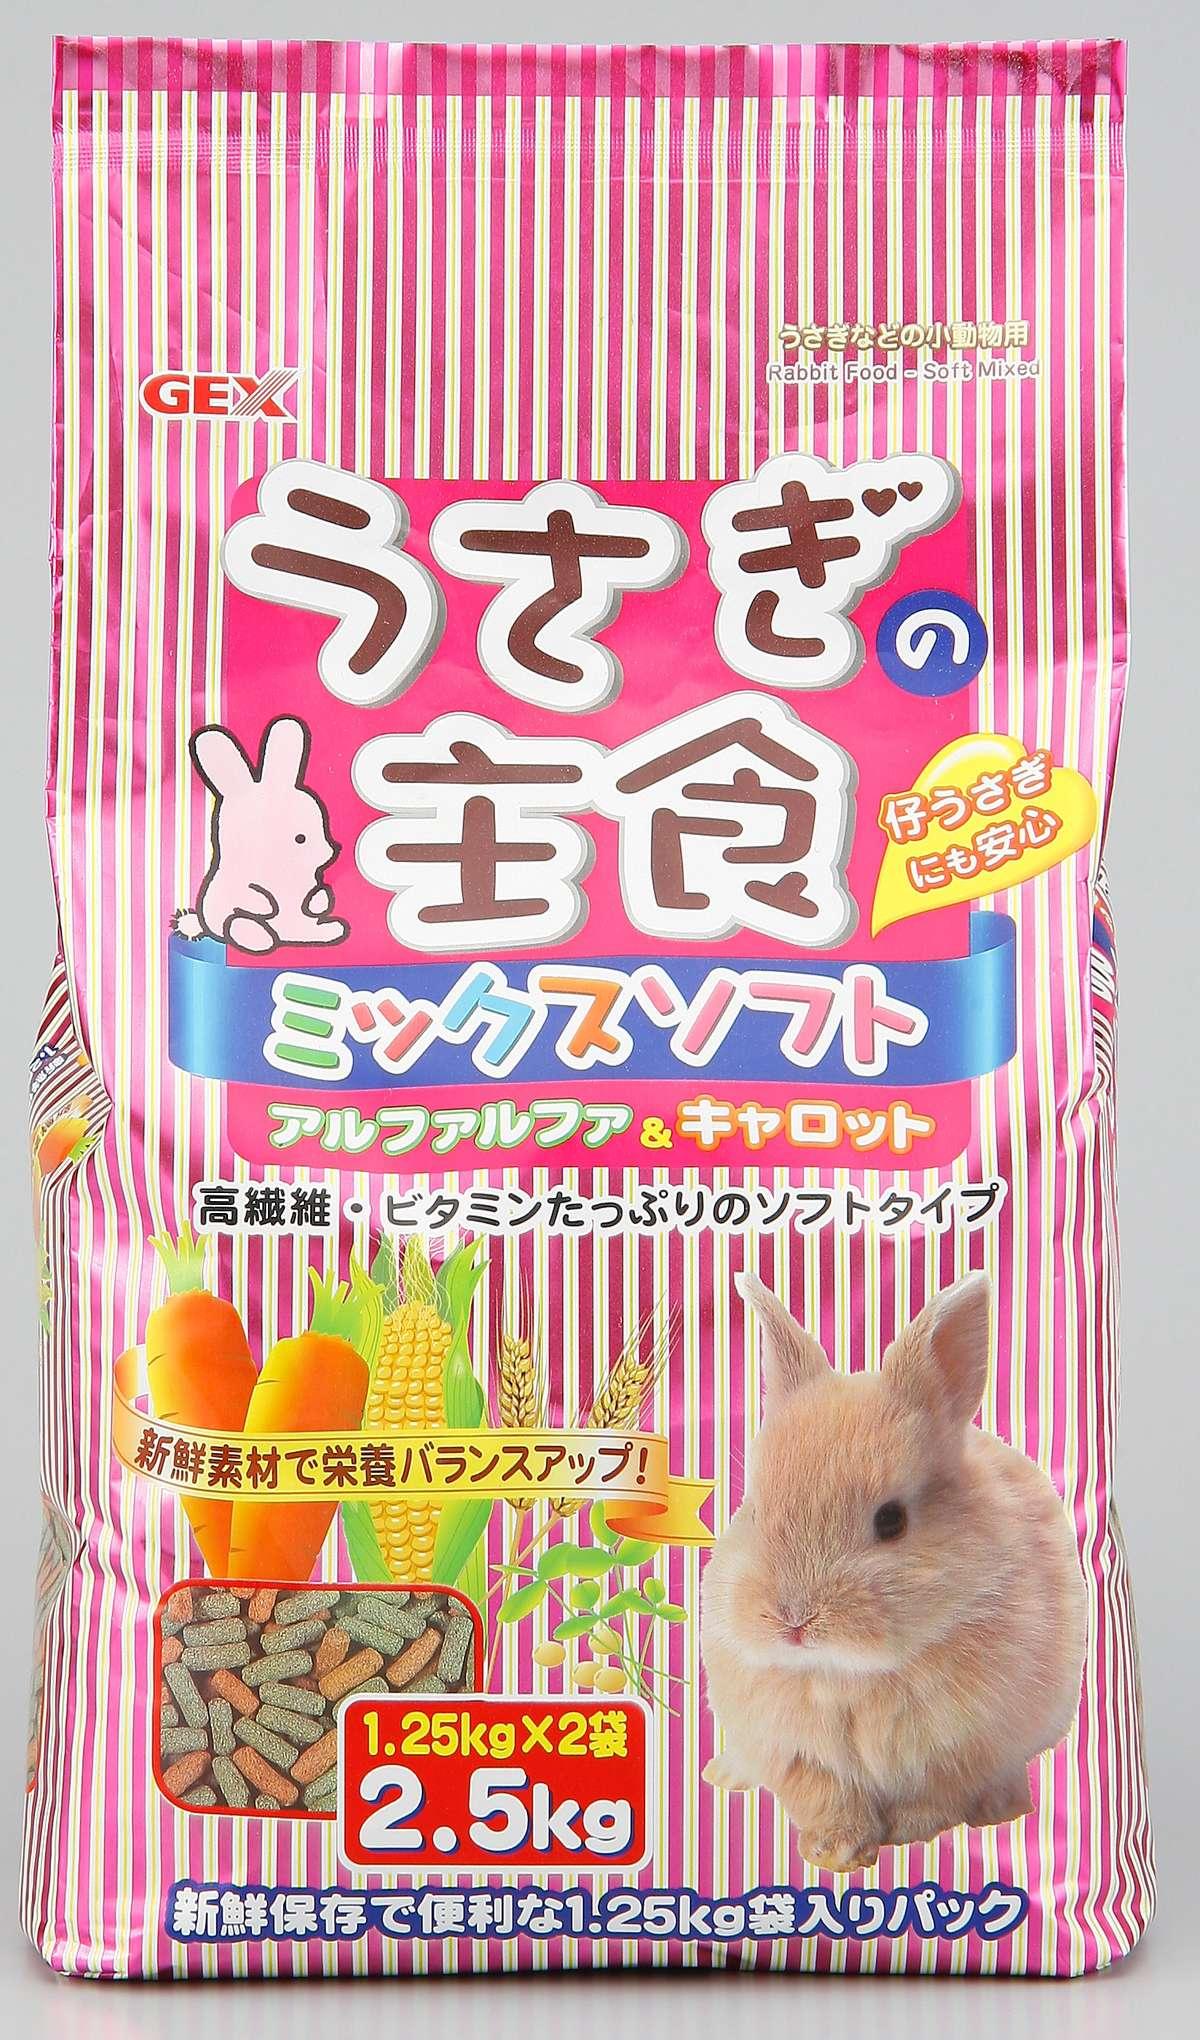 New Rabbit Food 2.5kg